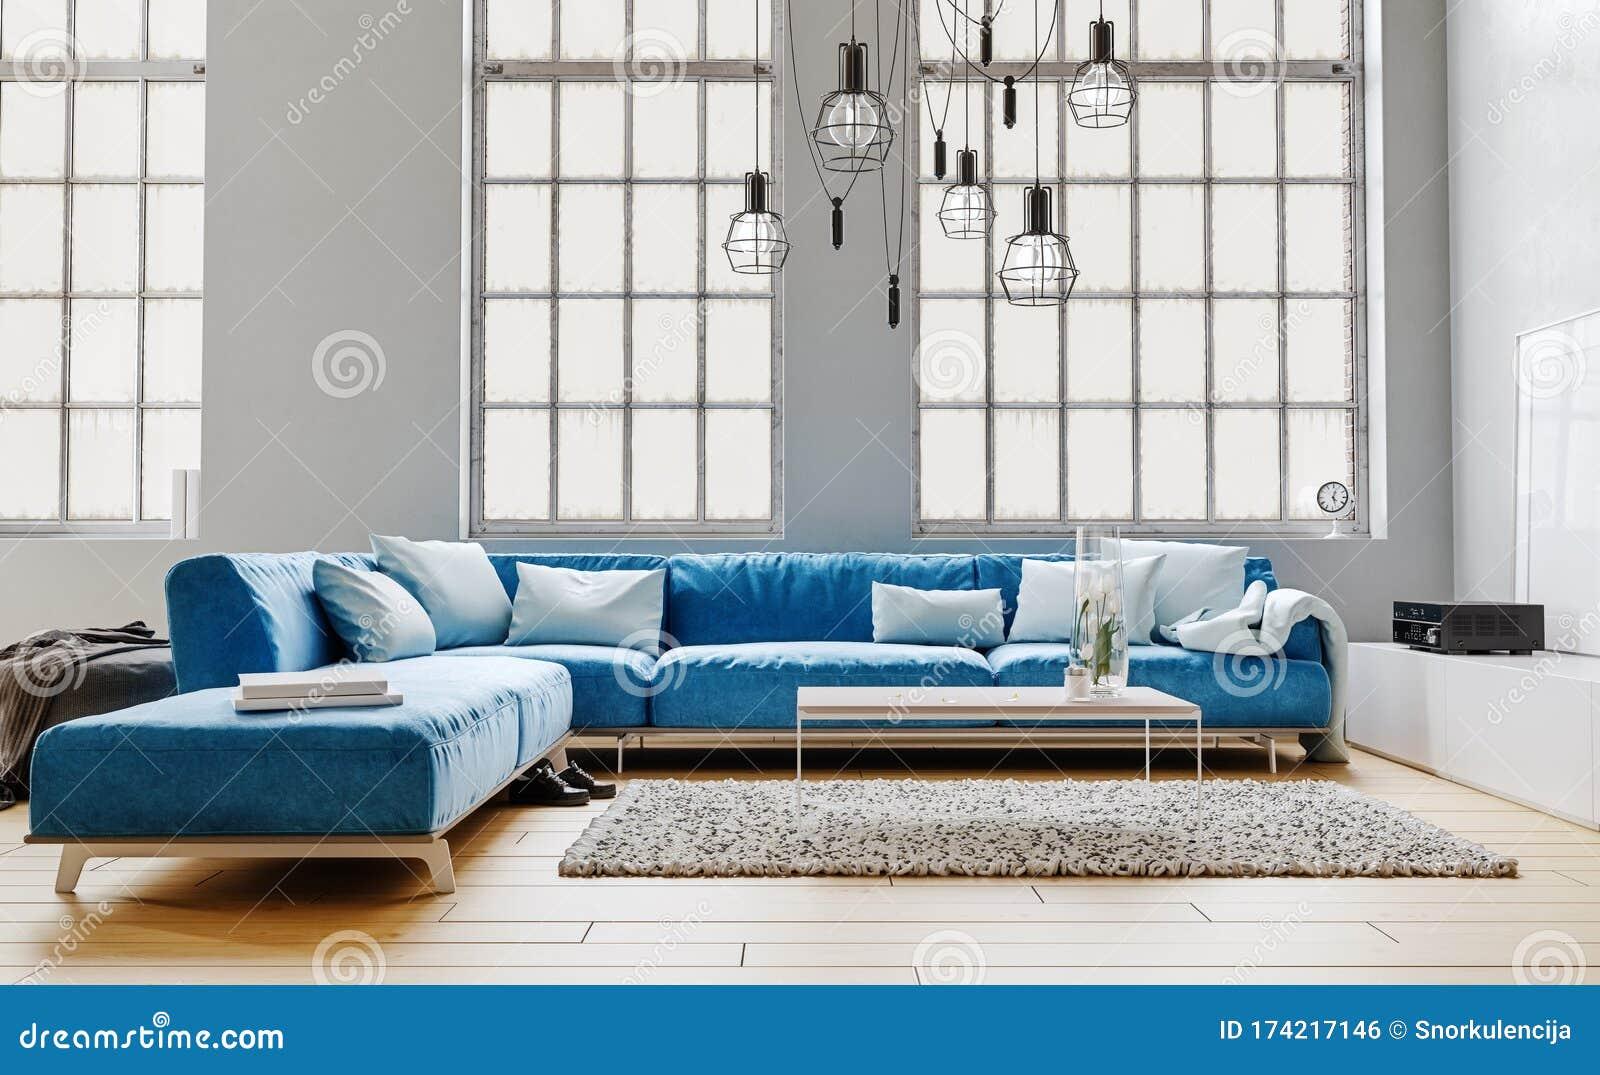 Modern Interior Design Of Living Room Large Modular Blue Velvet Sofa With White Pillows High Ceiling Huge Windows Stock Illustration Illustration Of Interior Ceiling 174217146